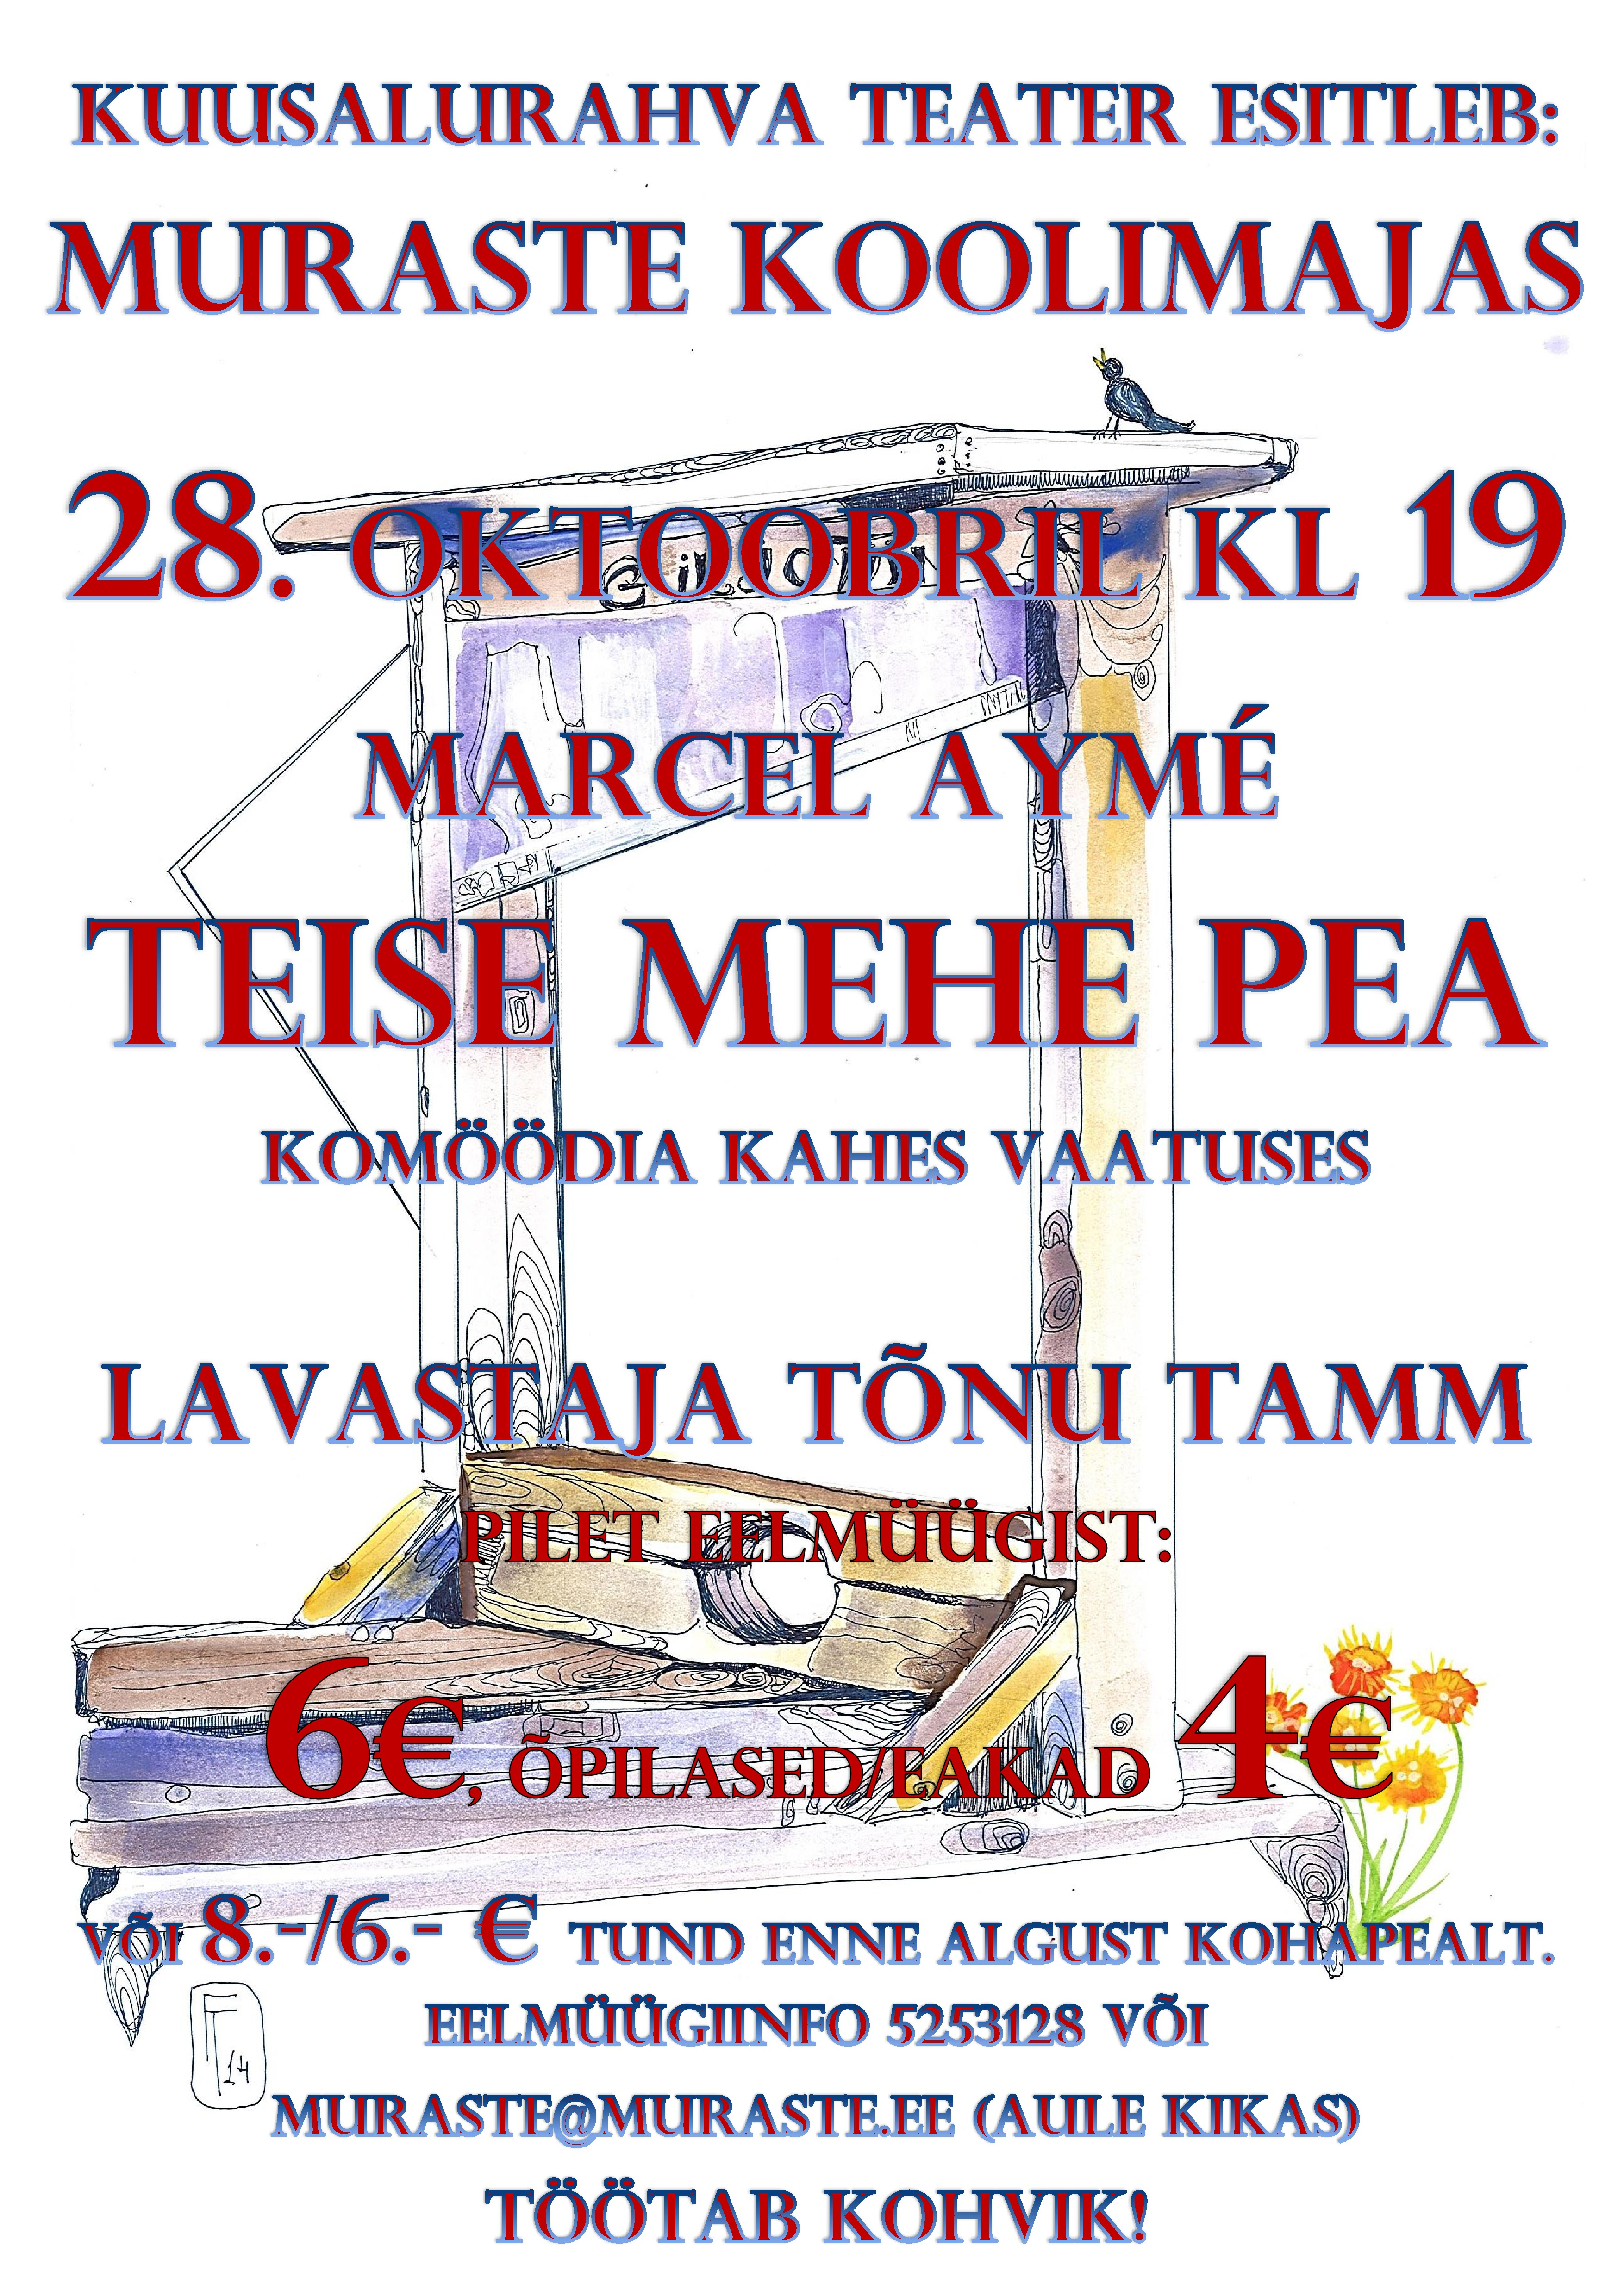 plakat_teise_mehe_pea_muraste-page-0